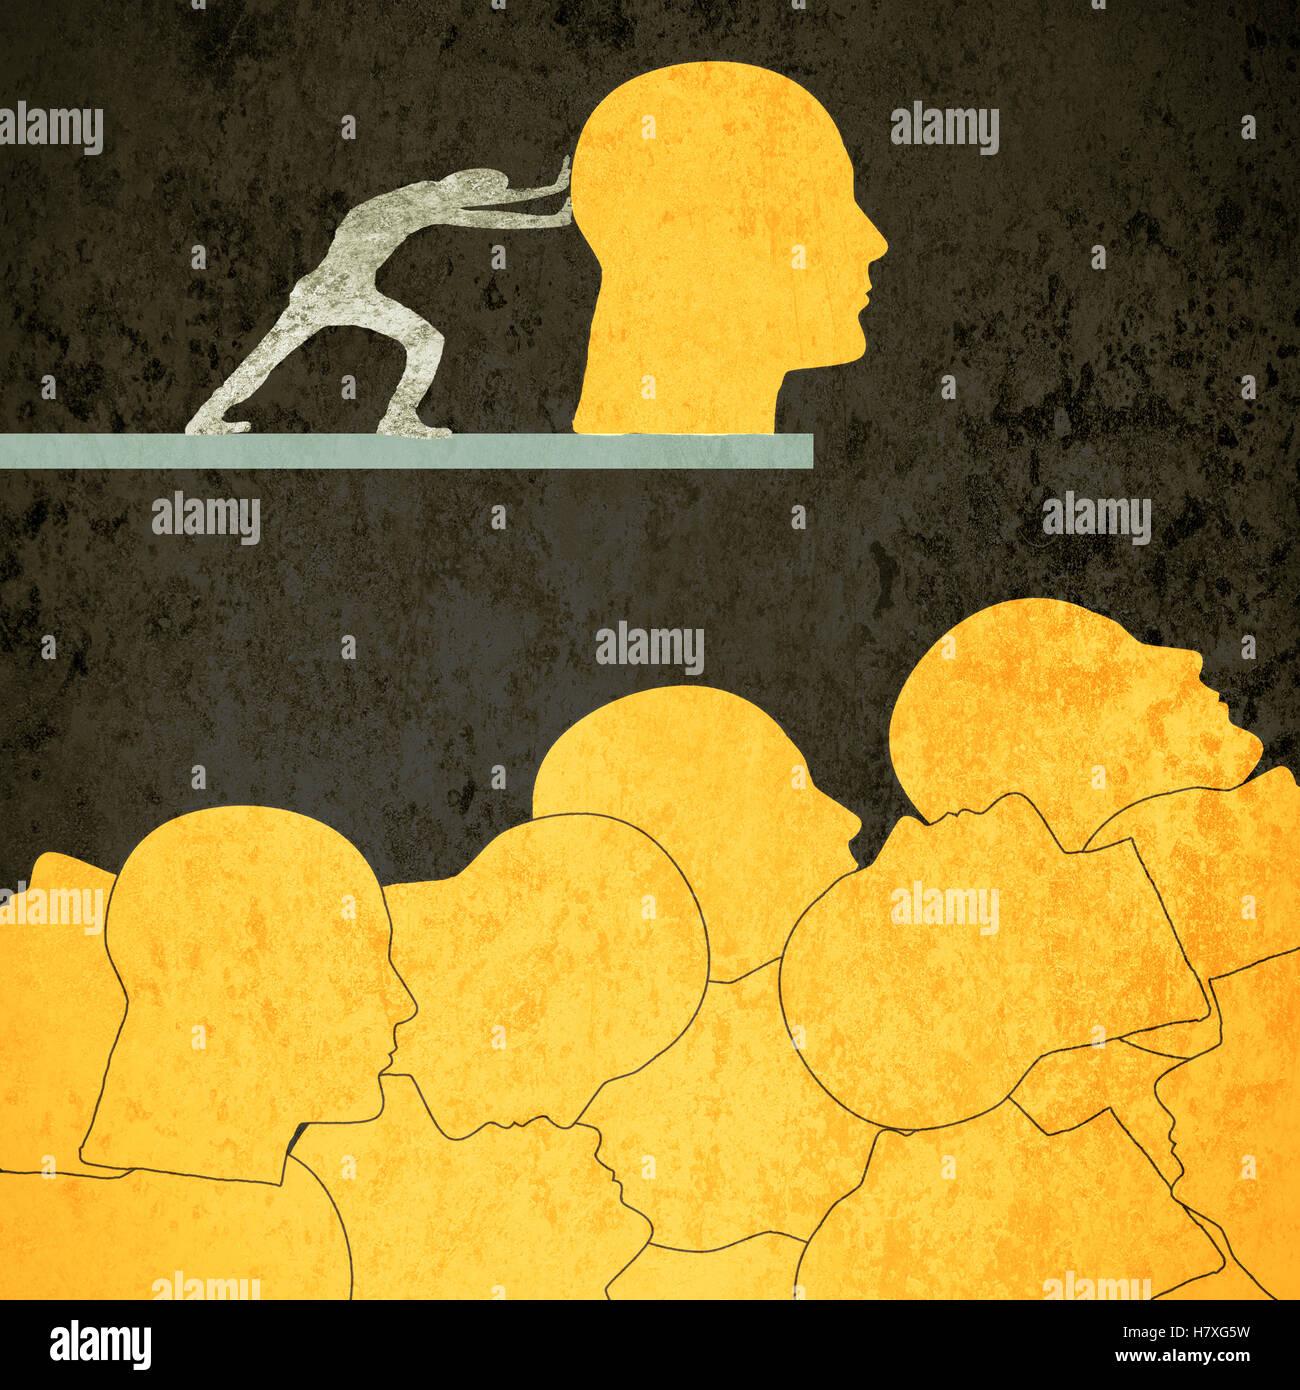 Des têtes humaines orange conceptuelle illustration numérique Photo Stock